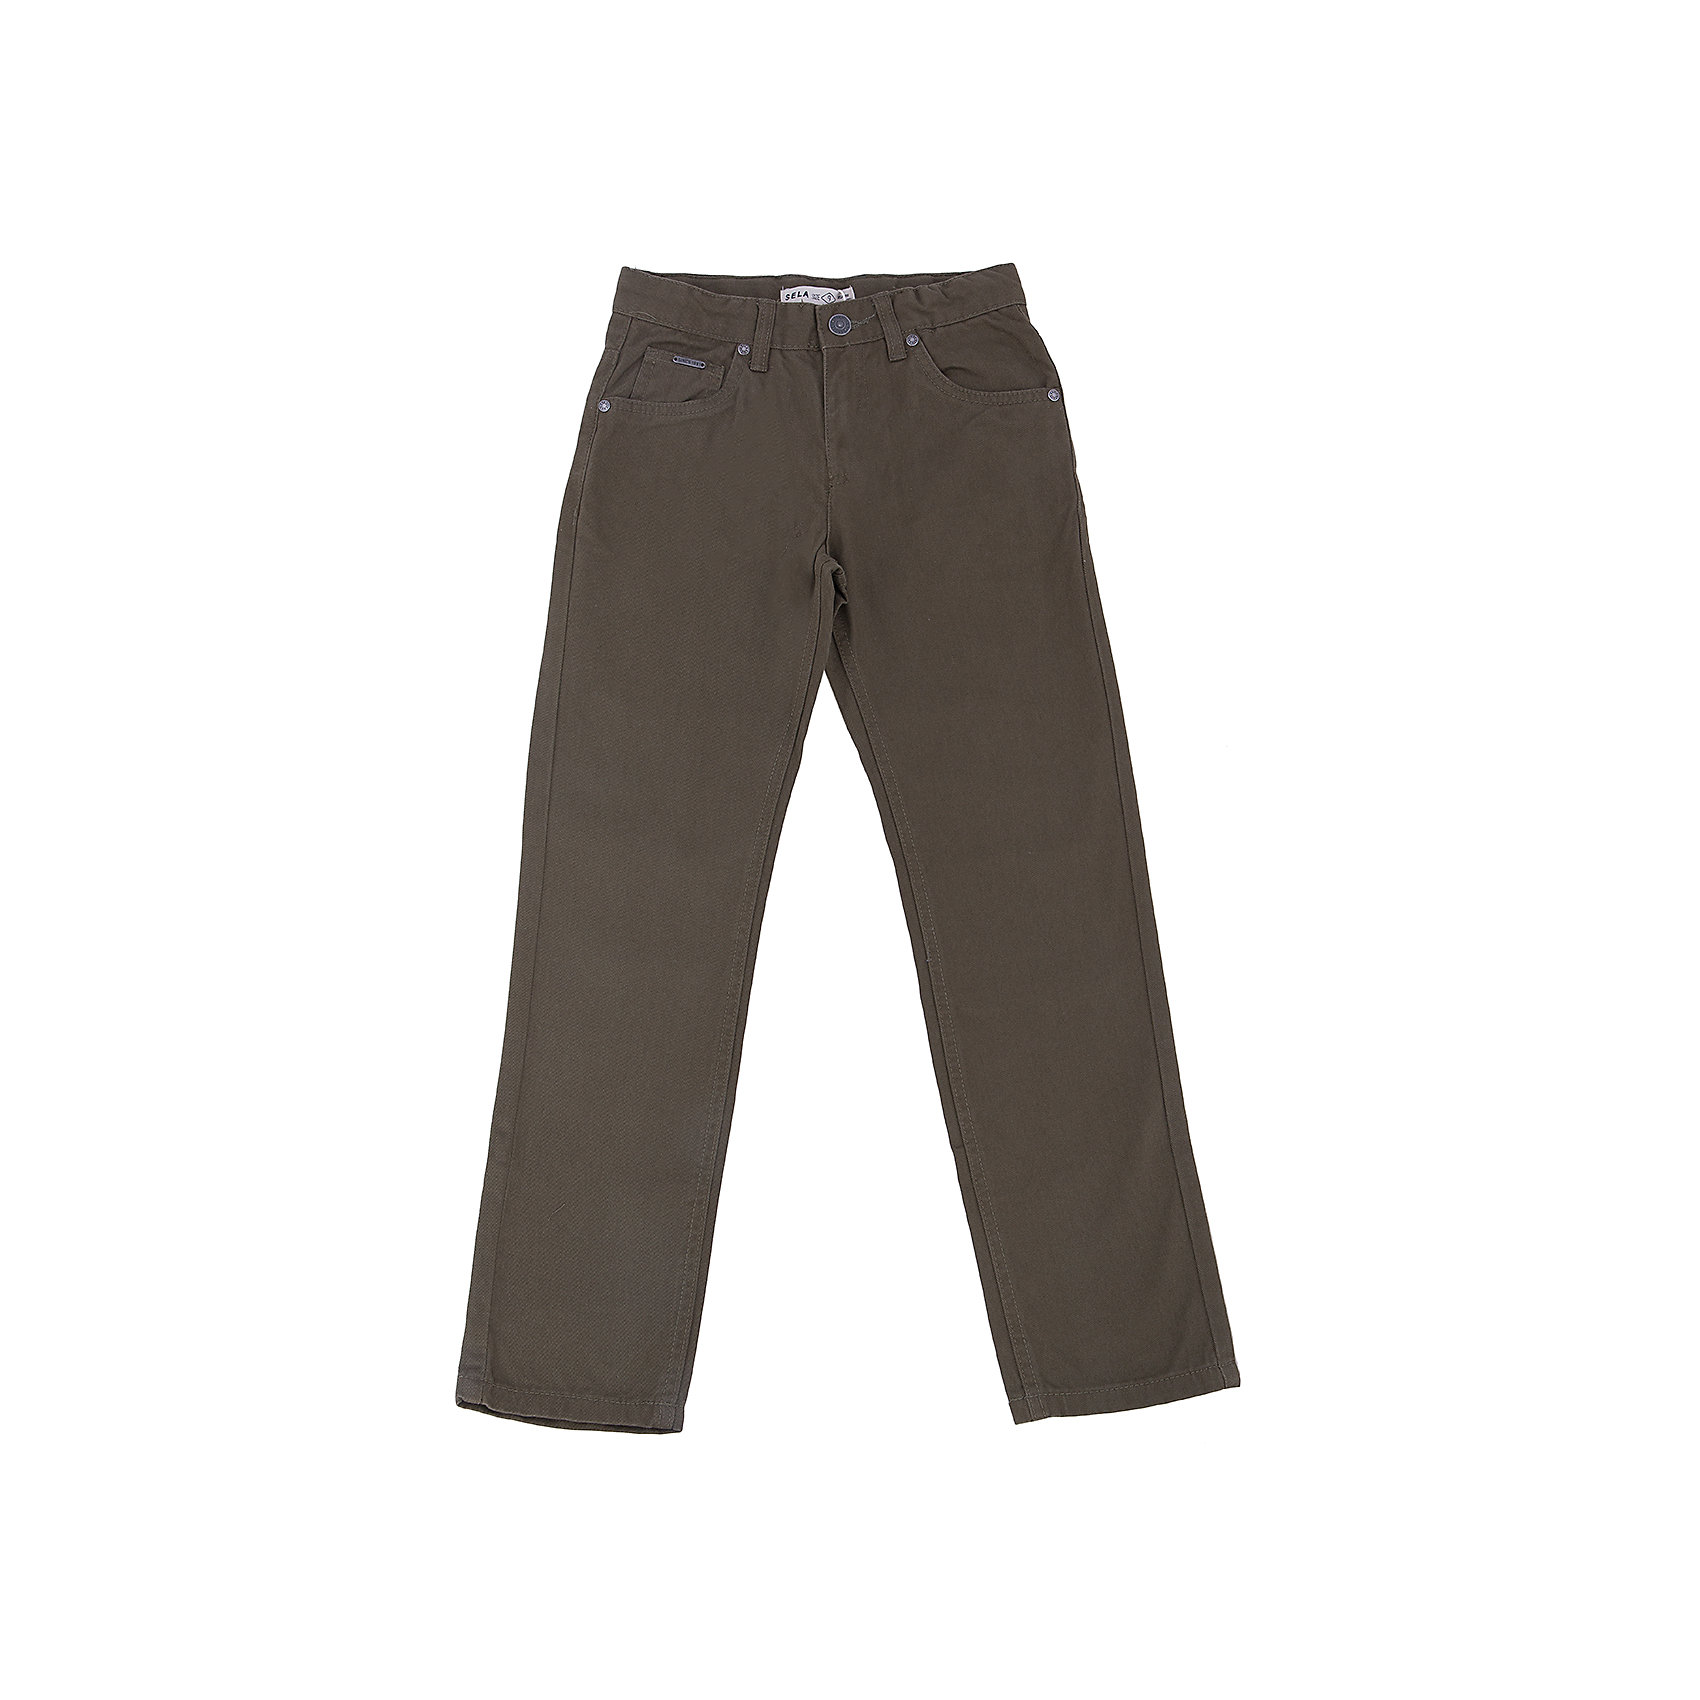 SELA Брюки для мальчика SELA брюки sela брюки